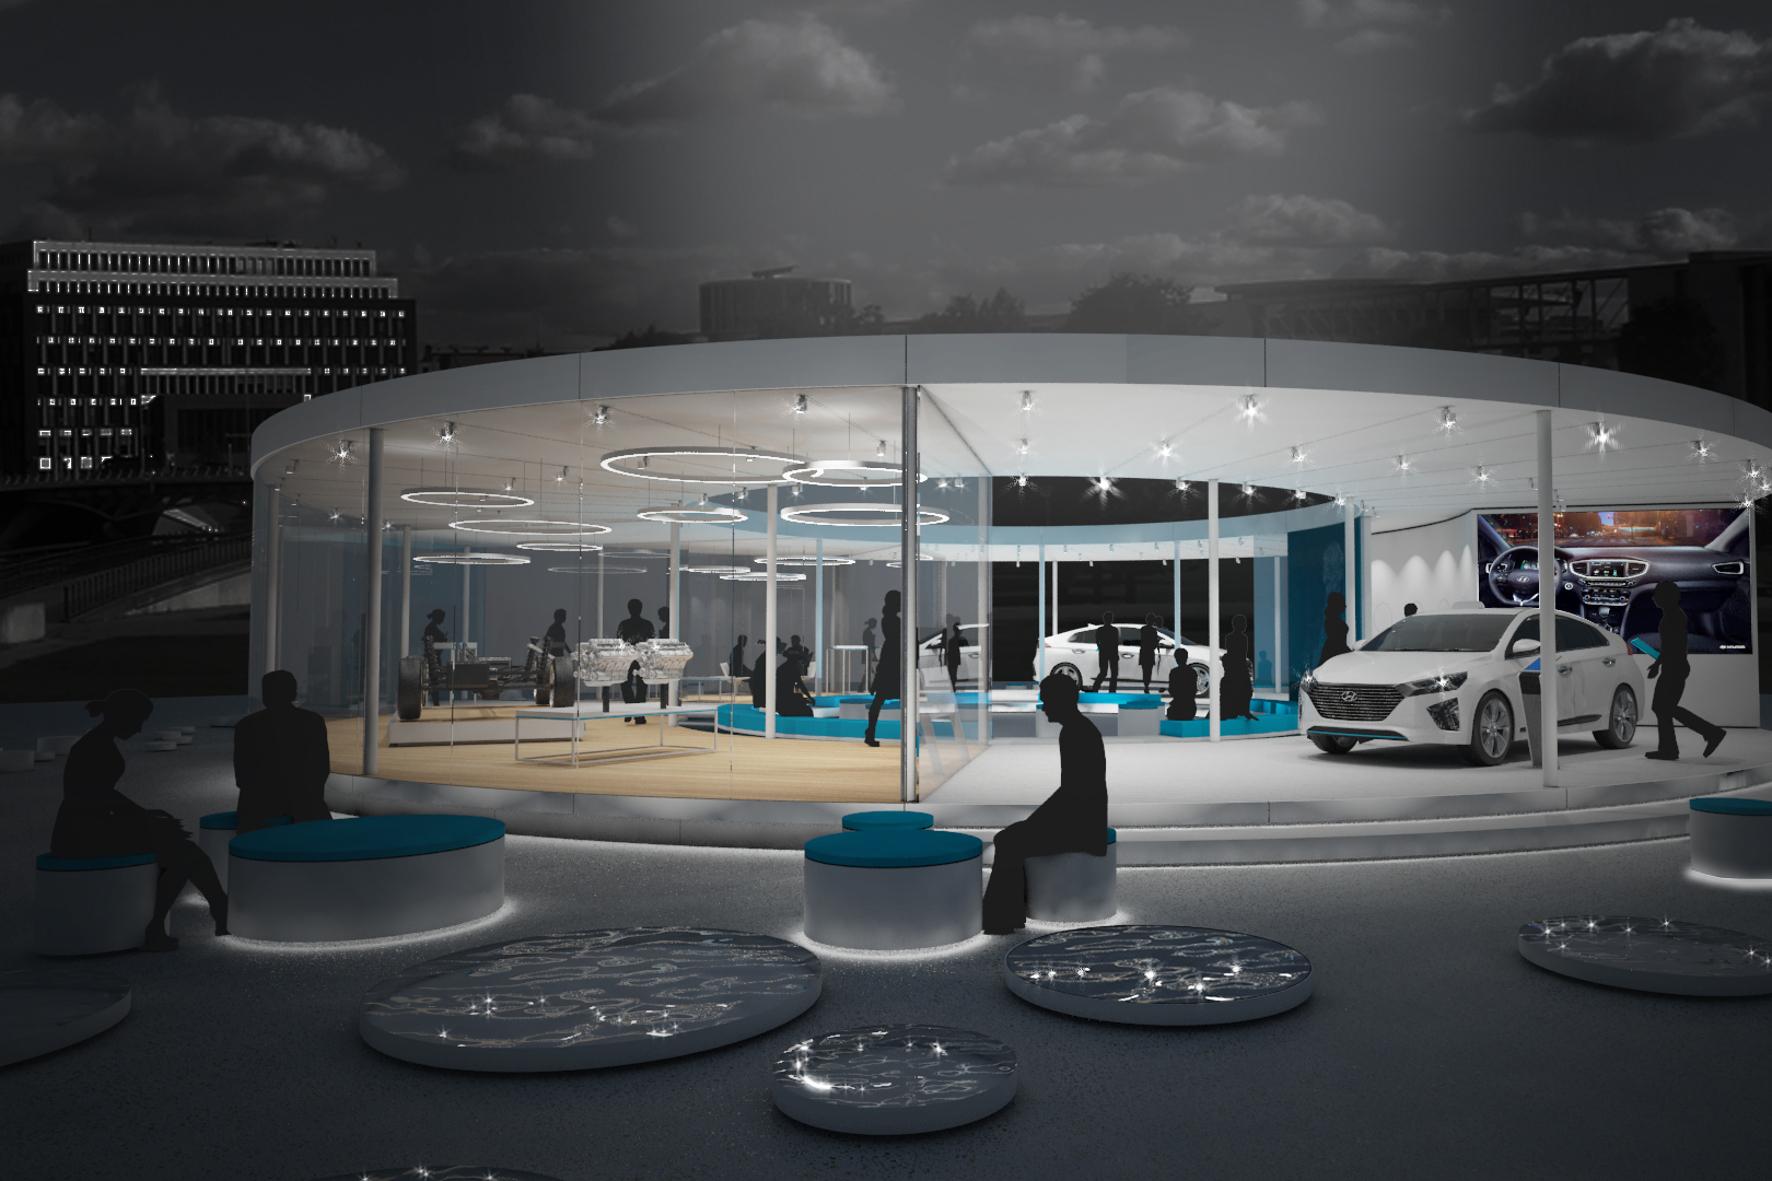 mid Groß-Gerau - Ein Koreaner in Mainhattan: Der Hyundai Ioniq gastiert für neun Tage in einem Infostand in Frankfurt am Main.